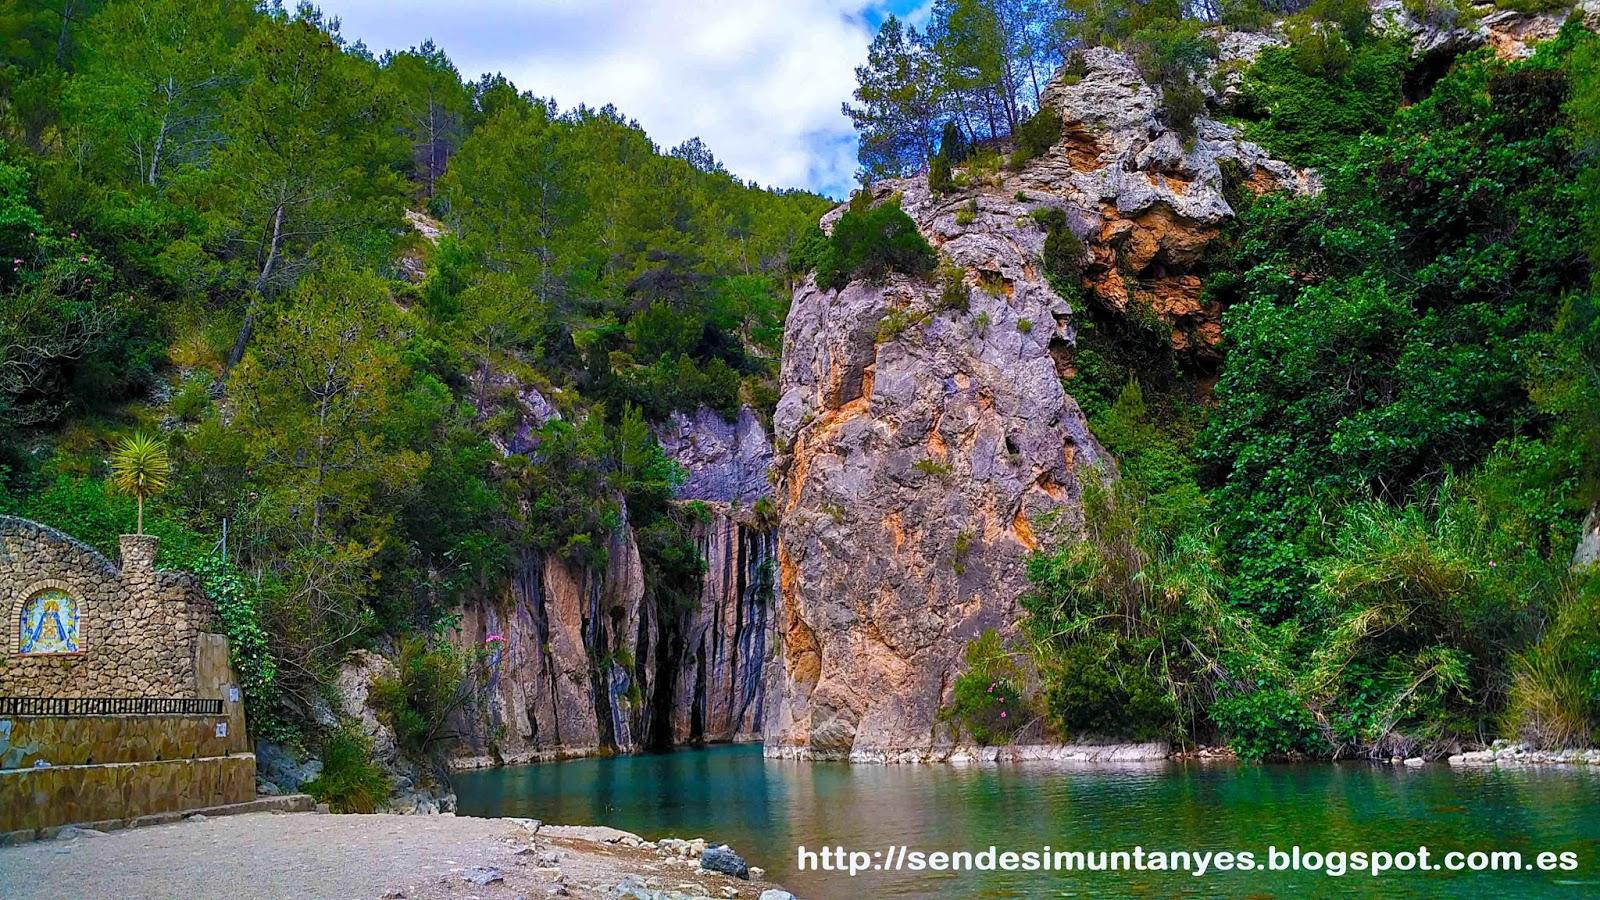 Las mejores piscinas naturales para el ba o que hasta el momento hemos visitado 2 parte - Fuente de los banos montanejos ...